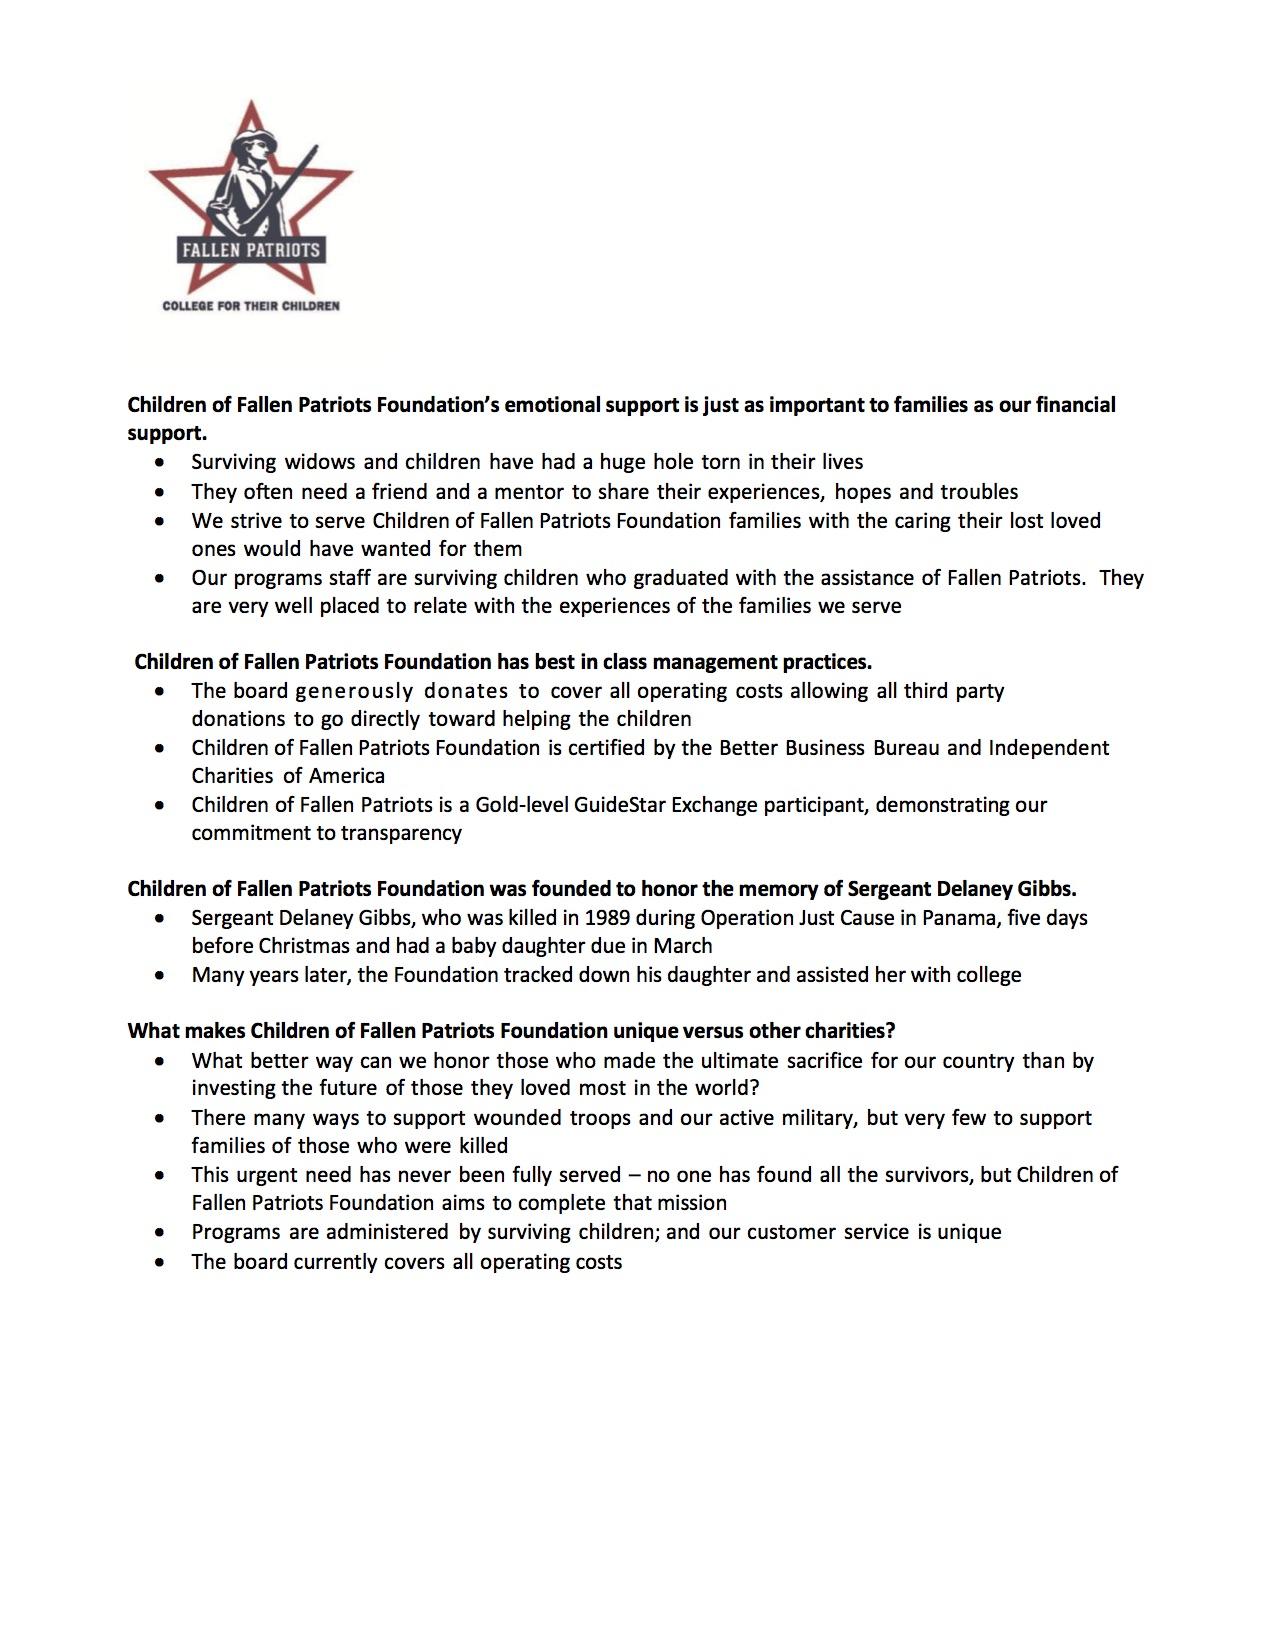 CFPF Fact Sheet (2)